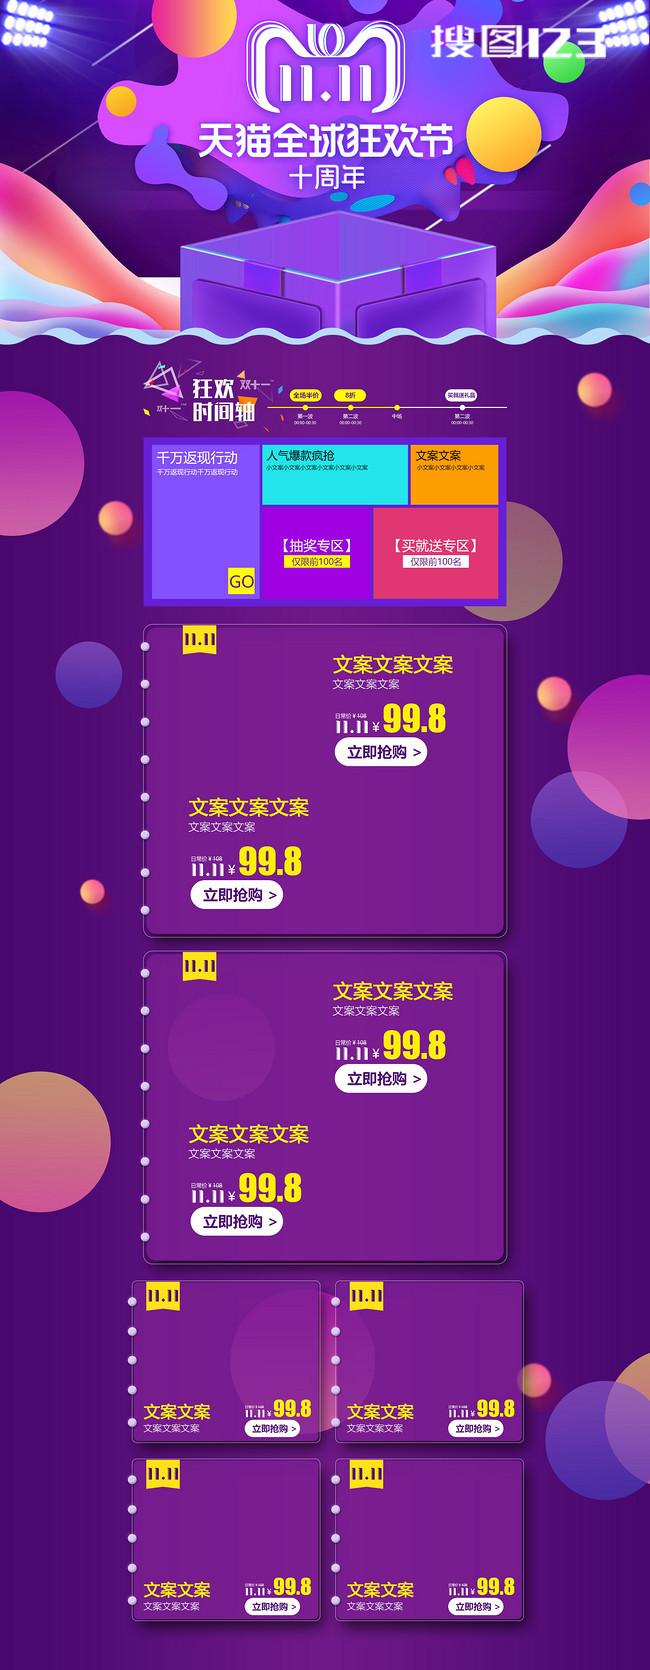 紫色双十一天猫全球狂欢节首页